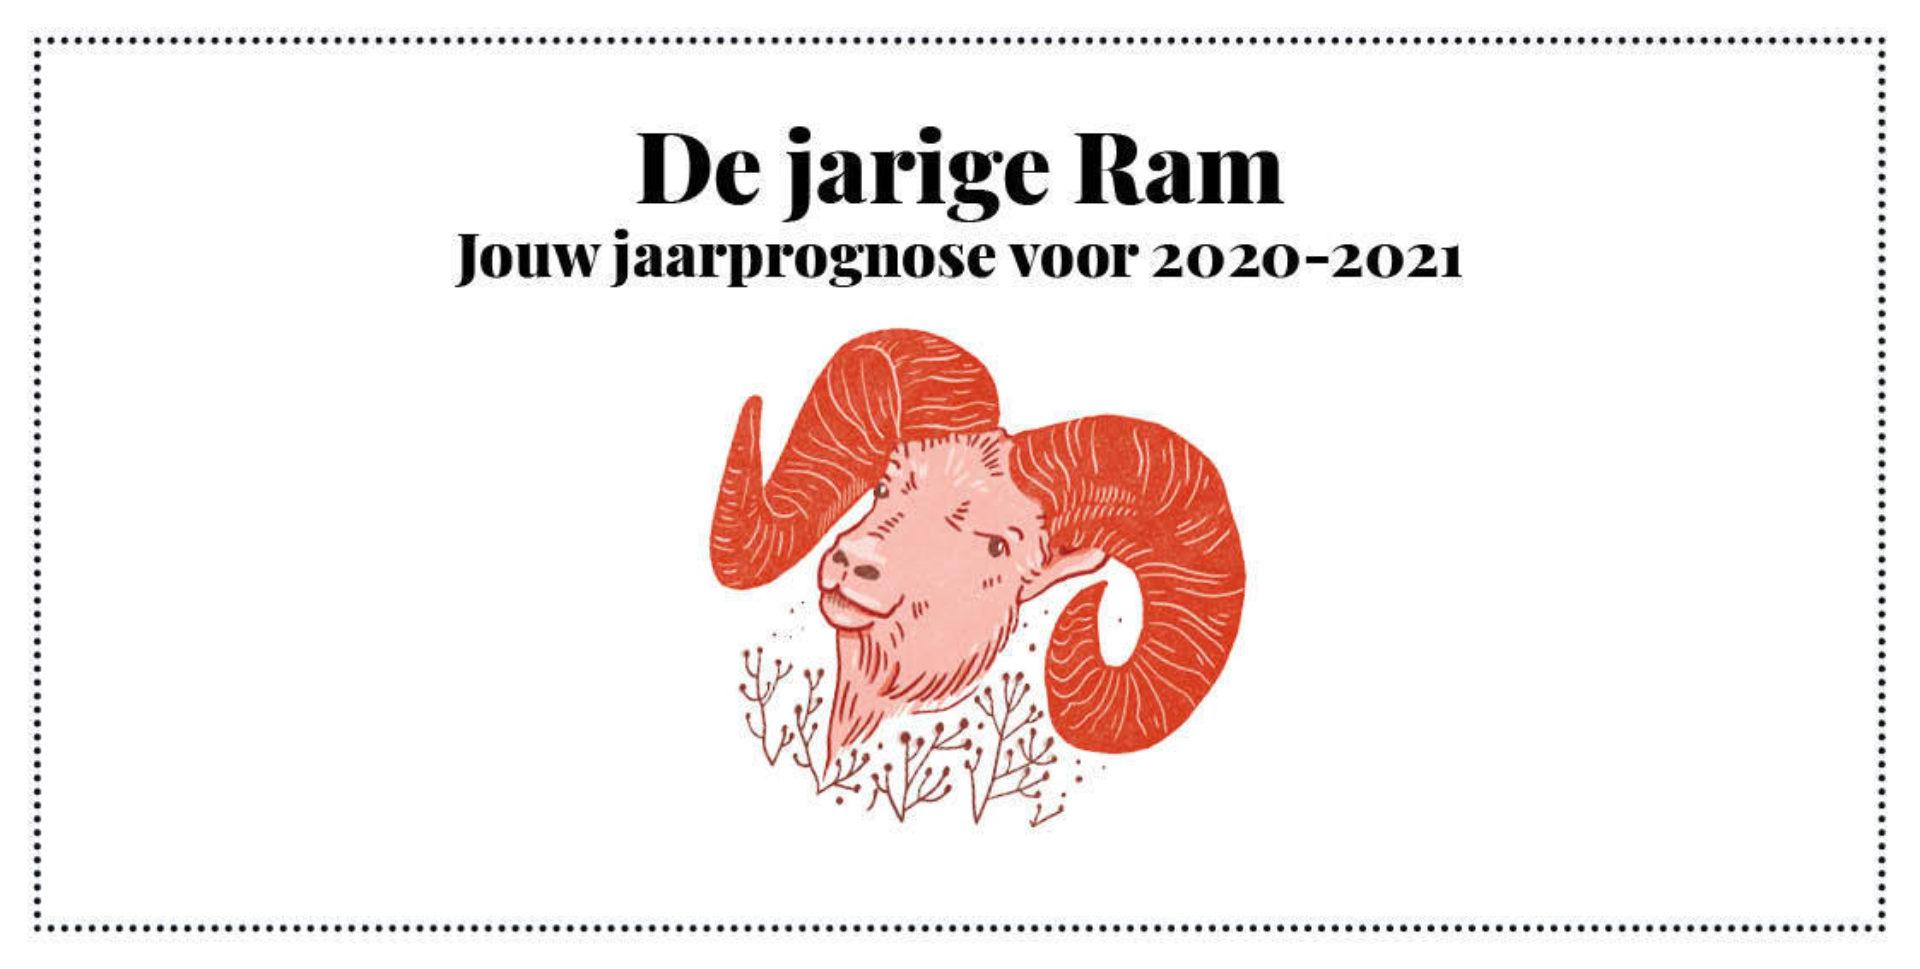 Ram, jouw jaarhoroscoop 2020-2021